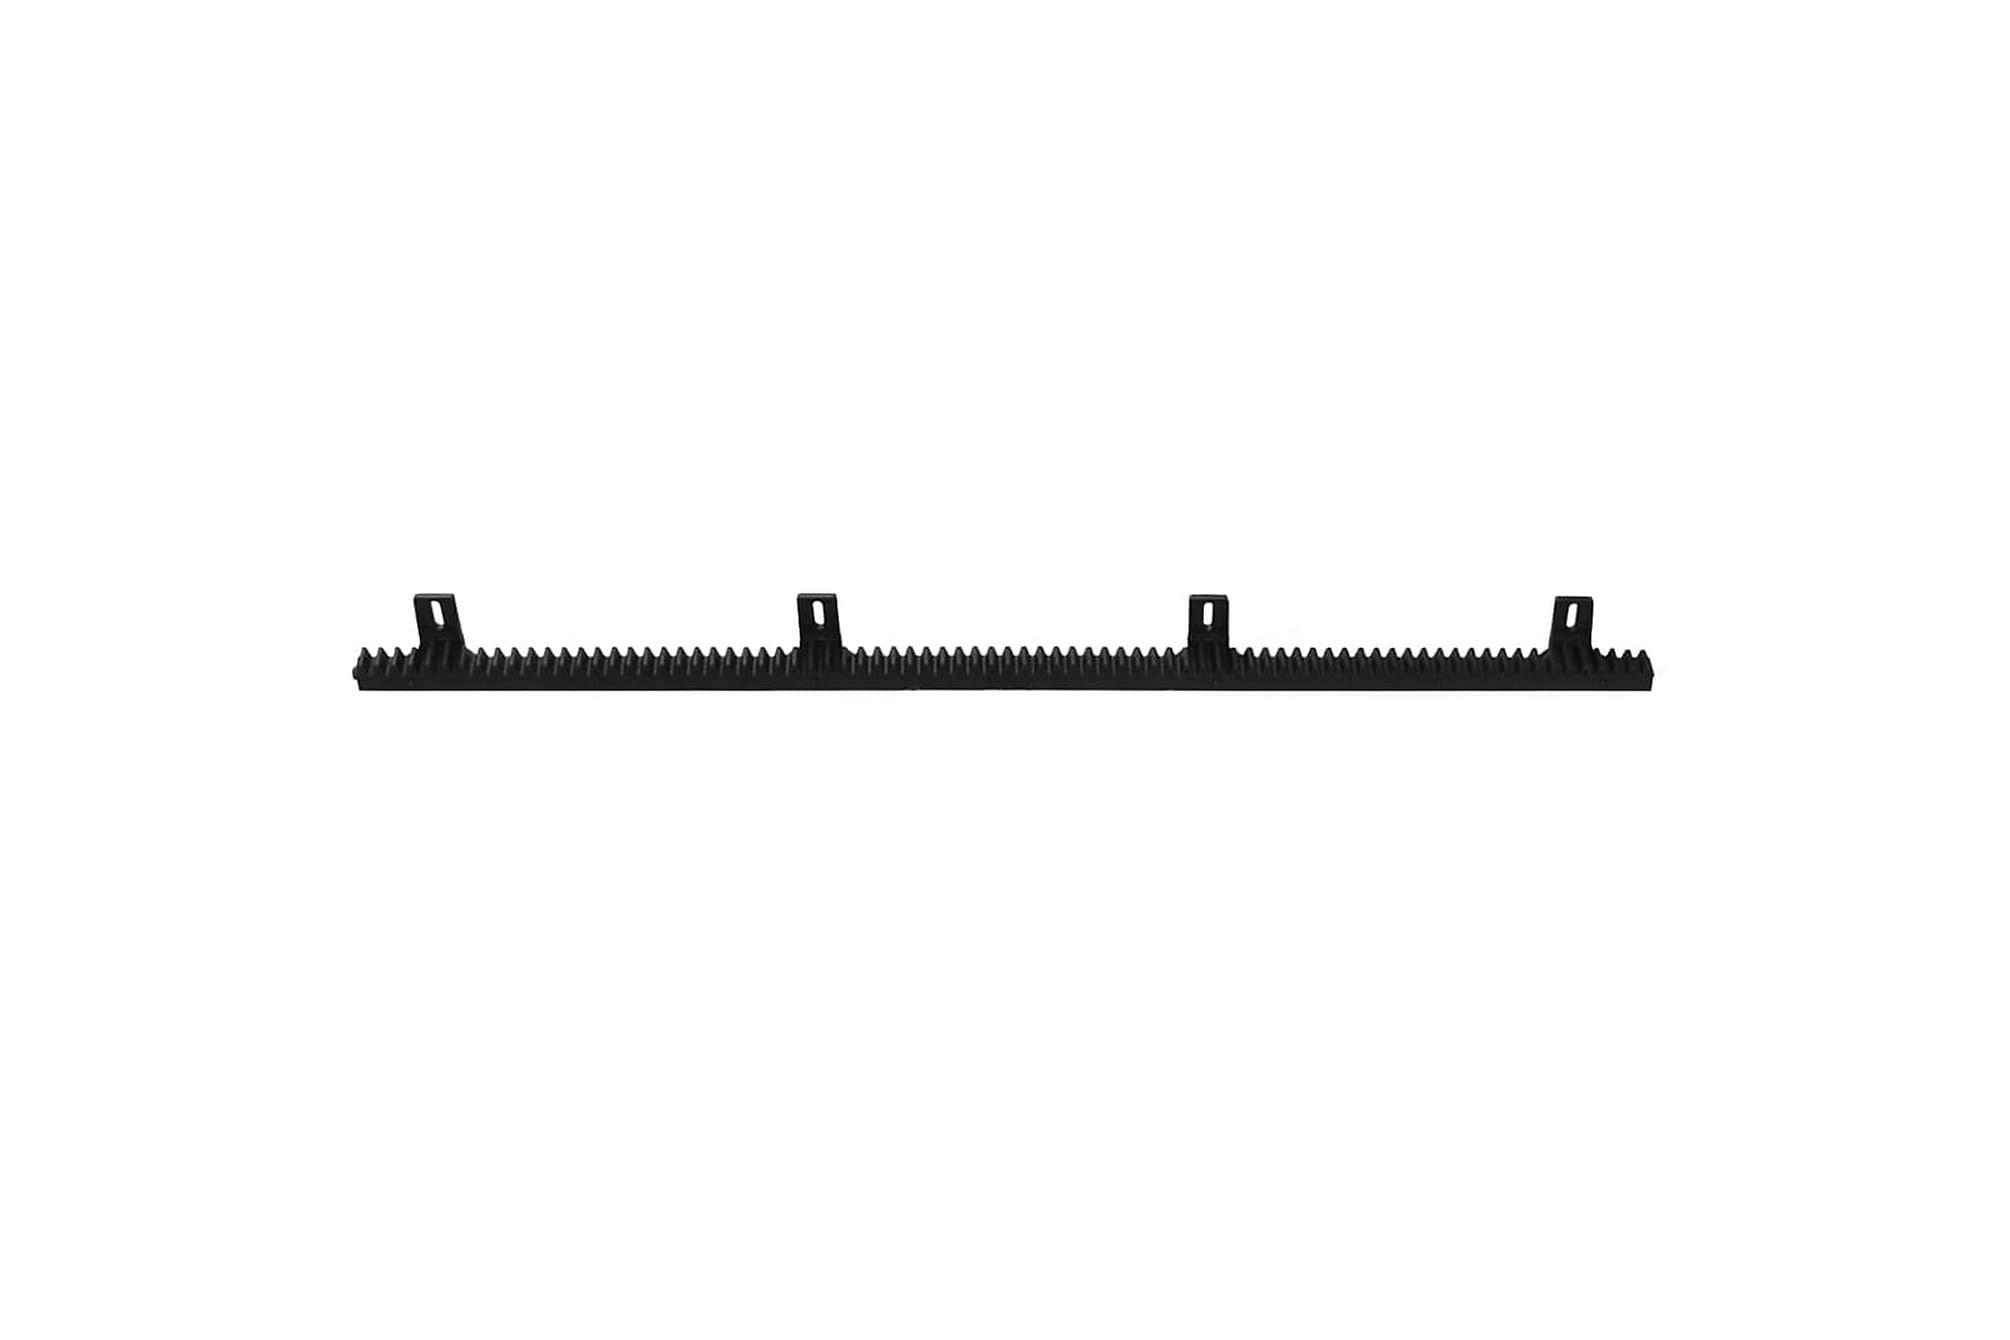 4-delars kuggstång av nylon för skjutgrind öppnare, Staket & grindar